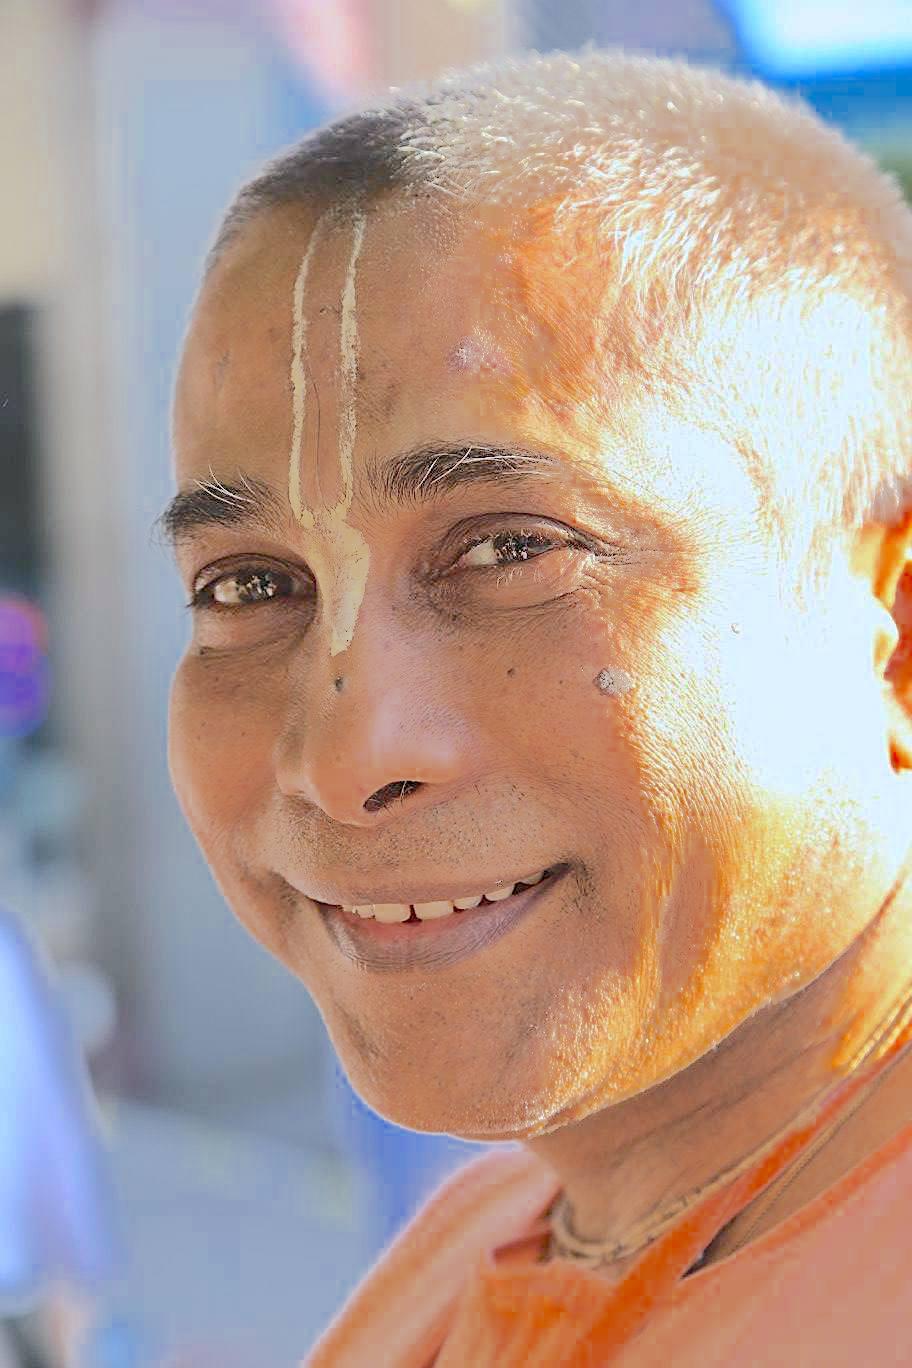 His Grace Sundar Gopal Prabhu